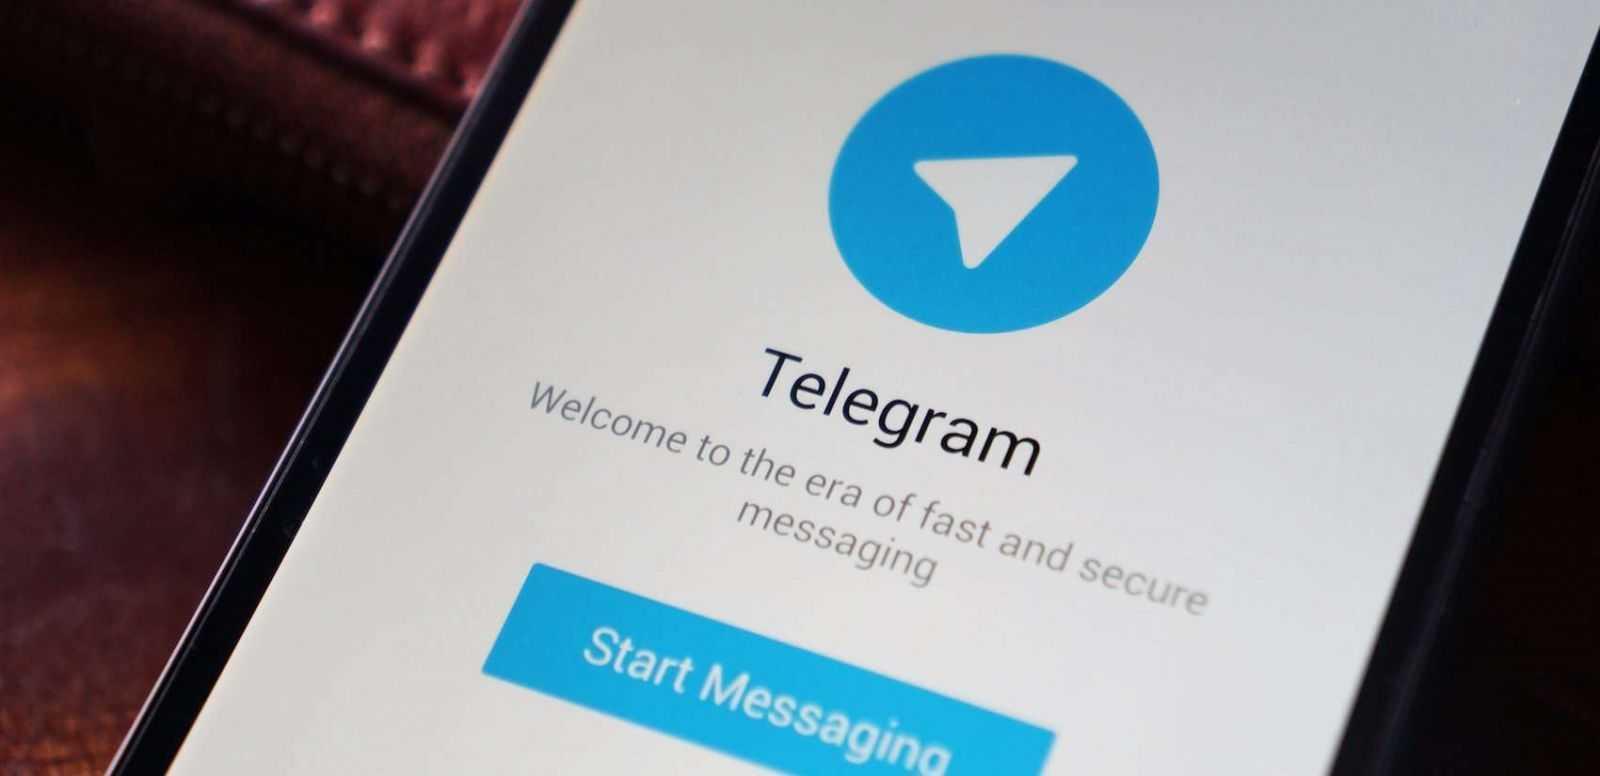 Эксперты нашли способ узнать телефонный номер пользователя Telegram (telegram app 2)